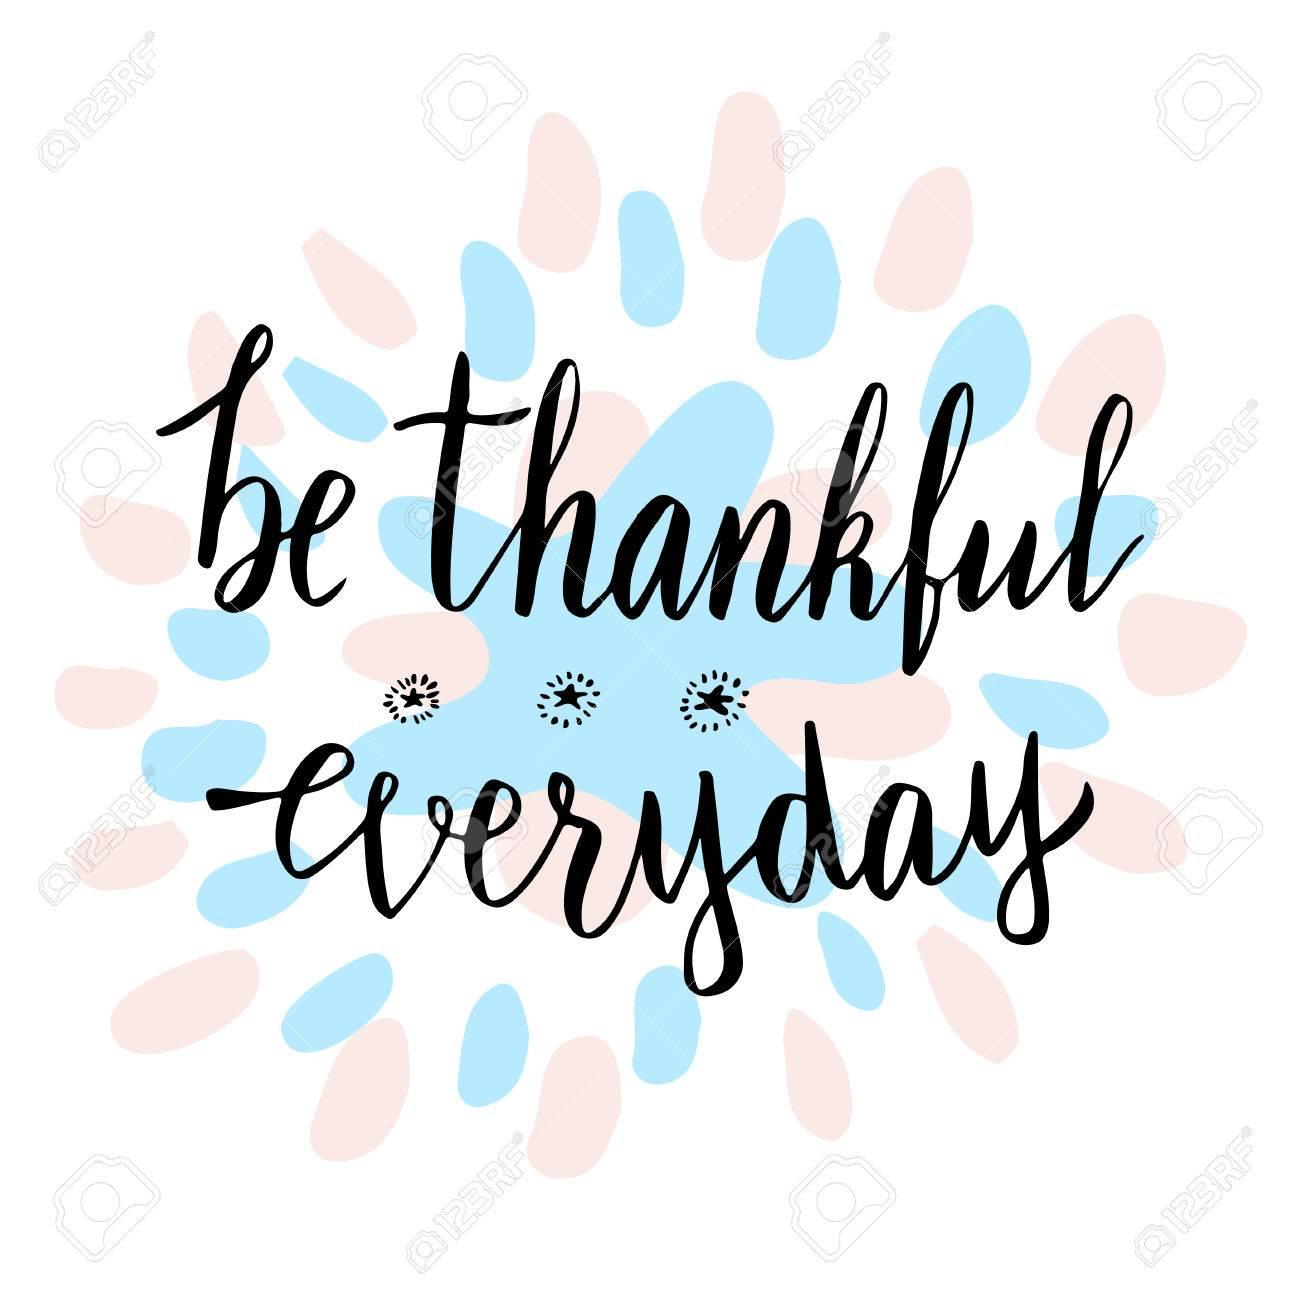 日常的に感謝をします。かわいいありがとうのやる気を起こさせるカード